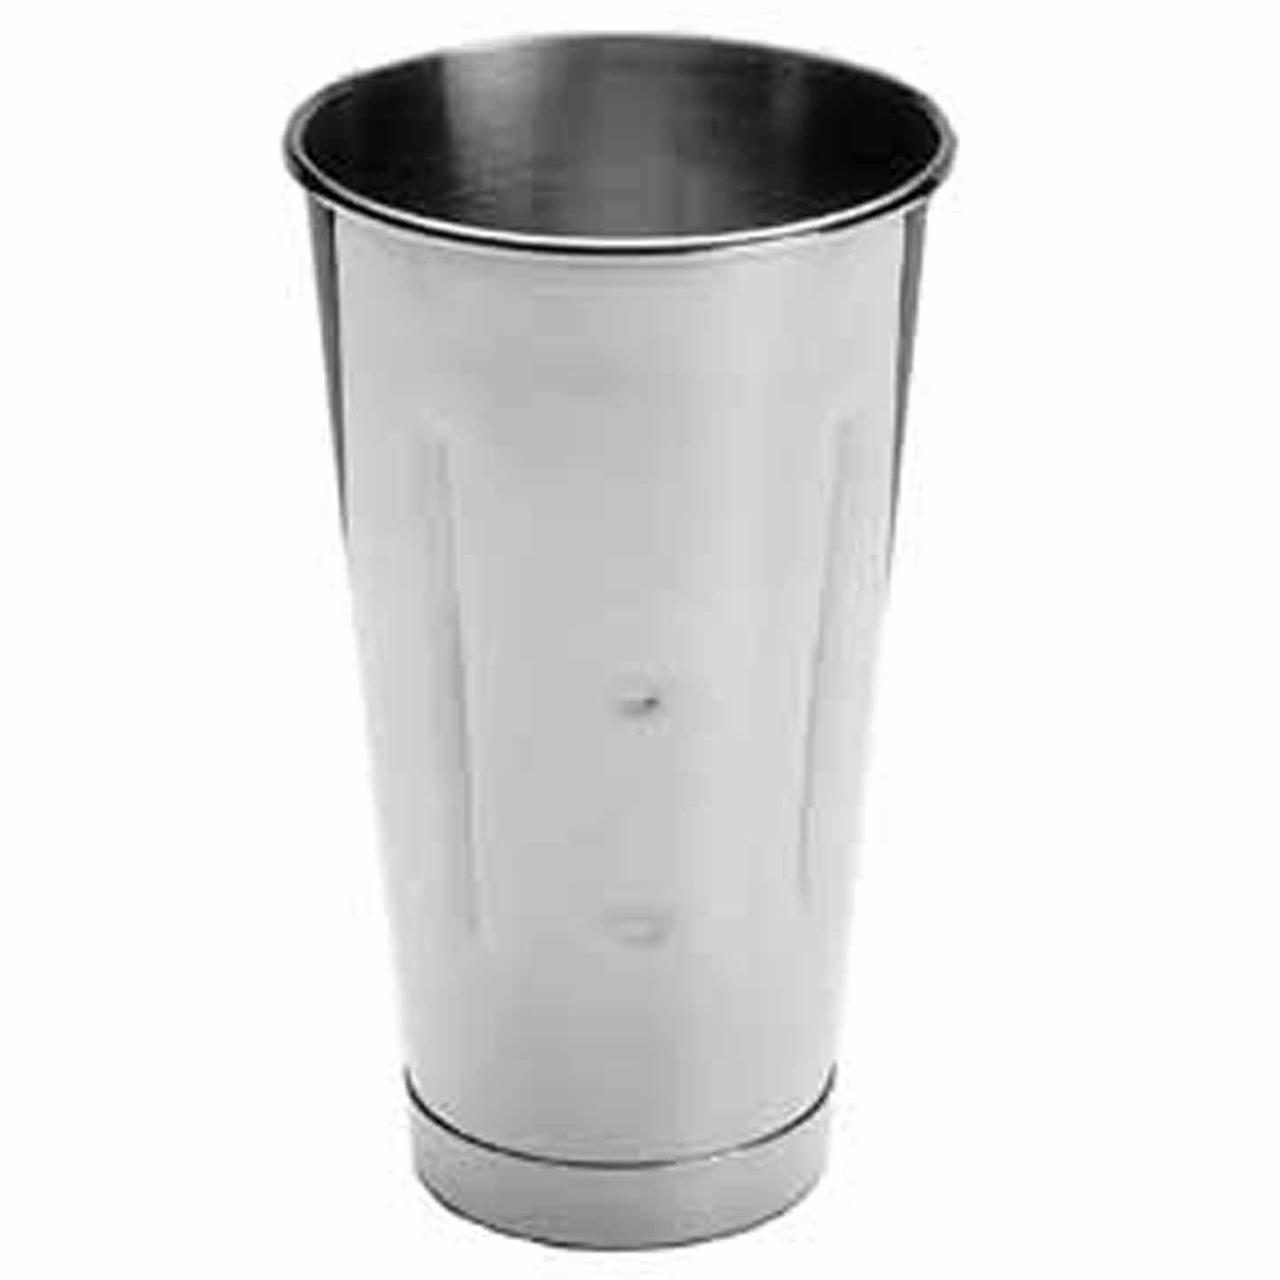 Milkshake Cup Stainless Steel